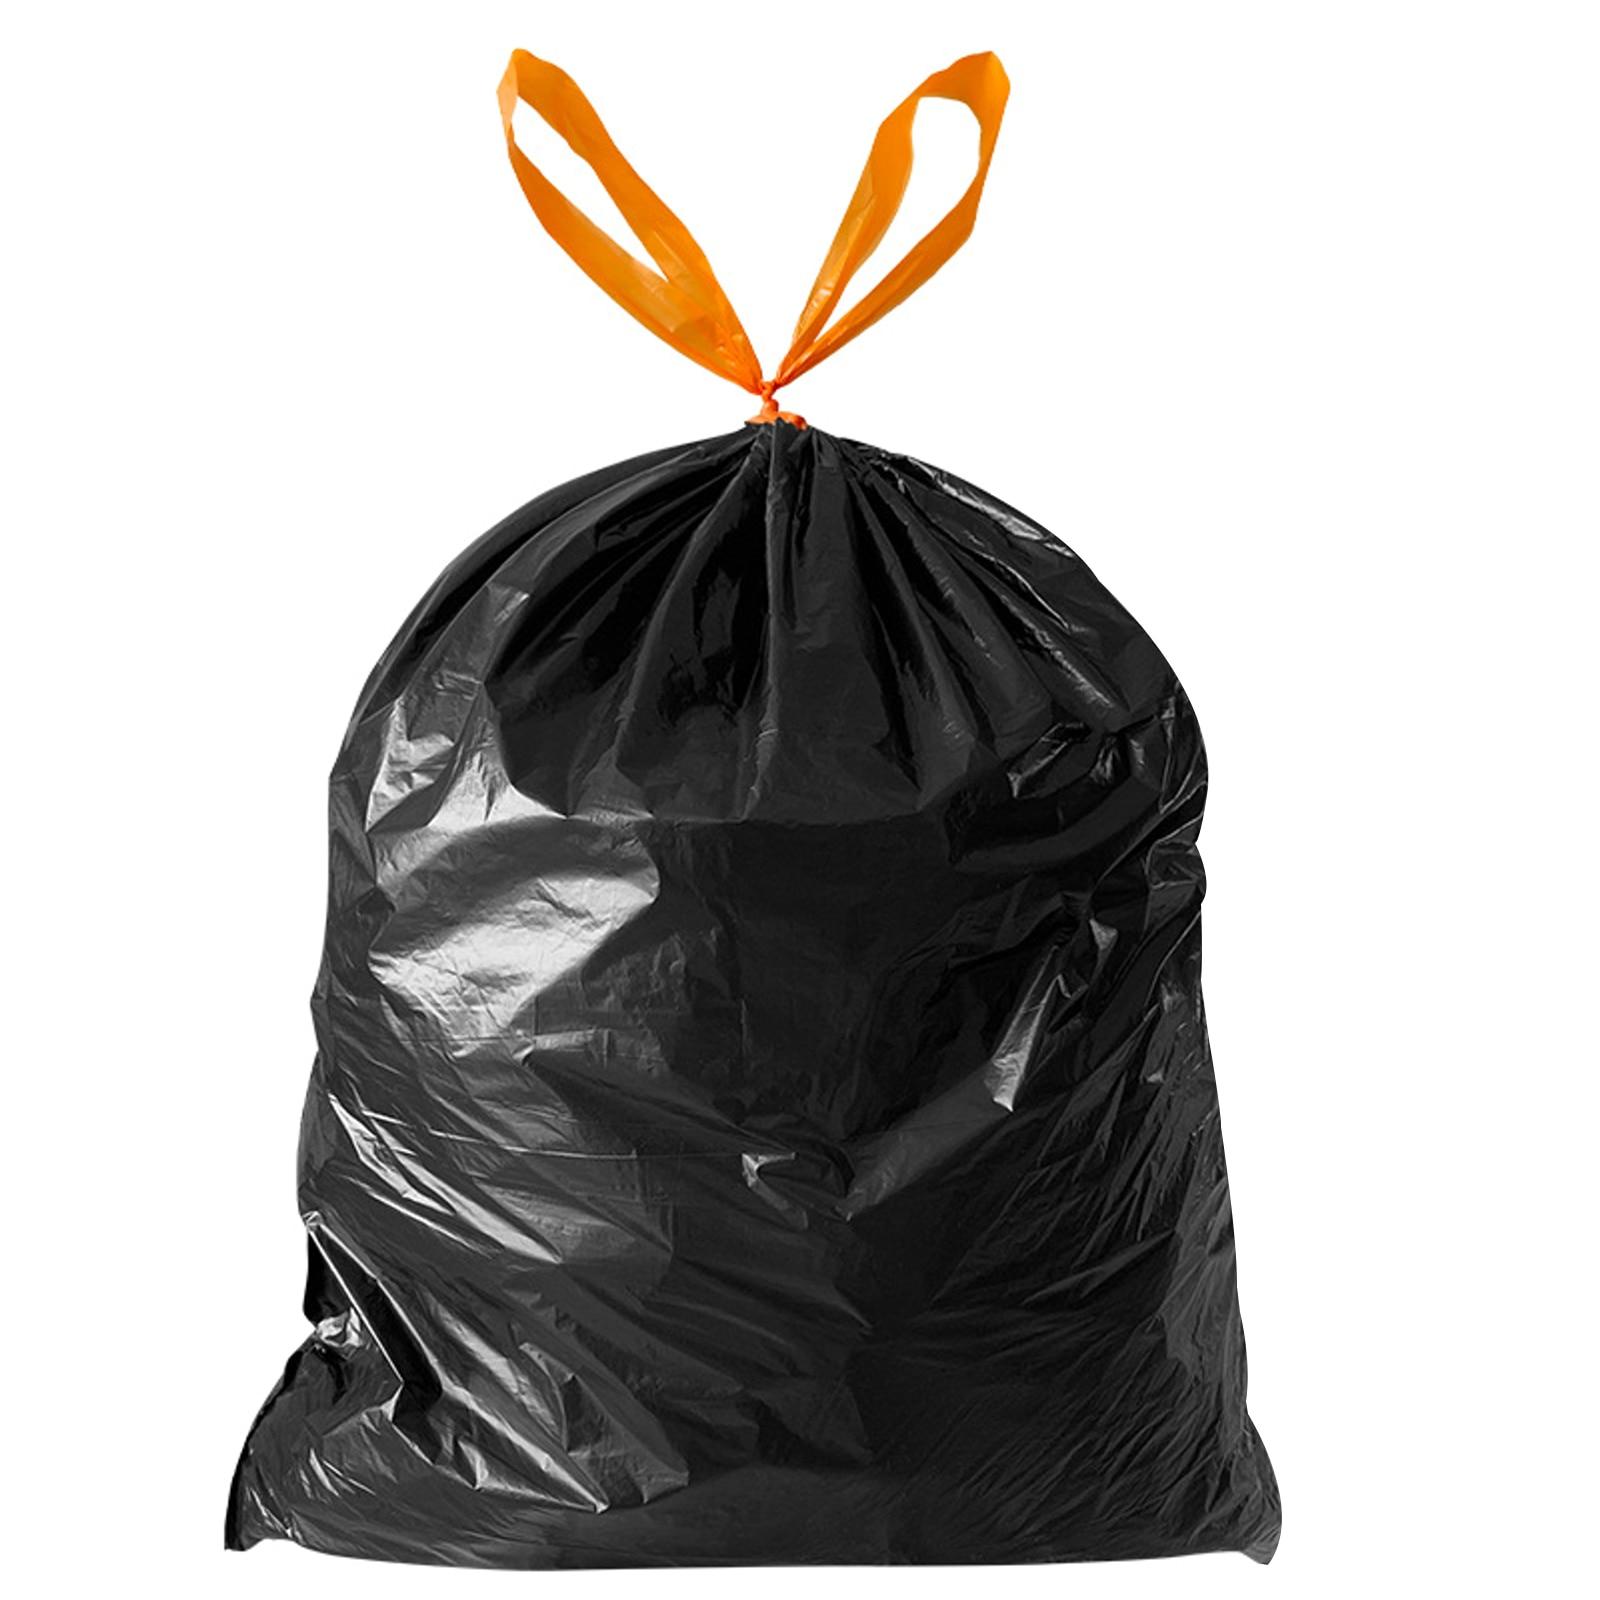 60 шт., одноразовые мешки для мусора, для дома, гостиницы, офиса